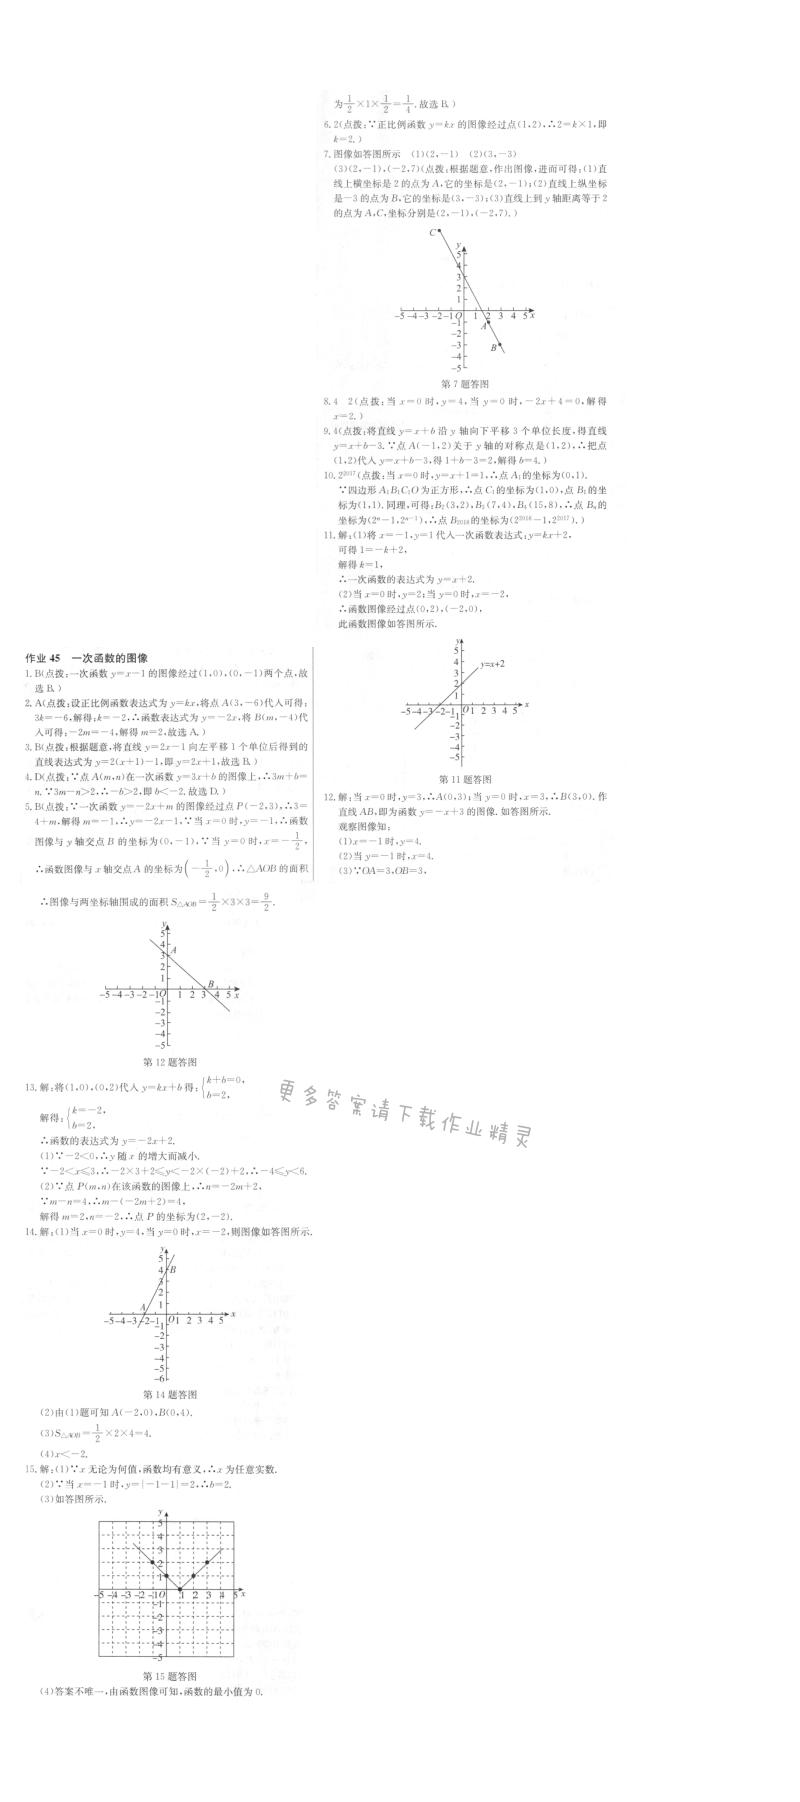 启东中学作业本八年级数学上册江苏版 作业45